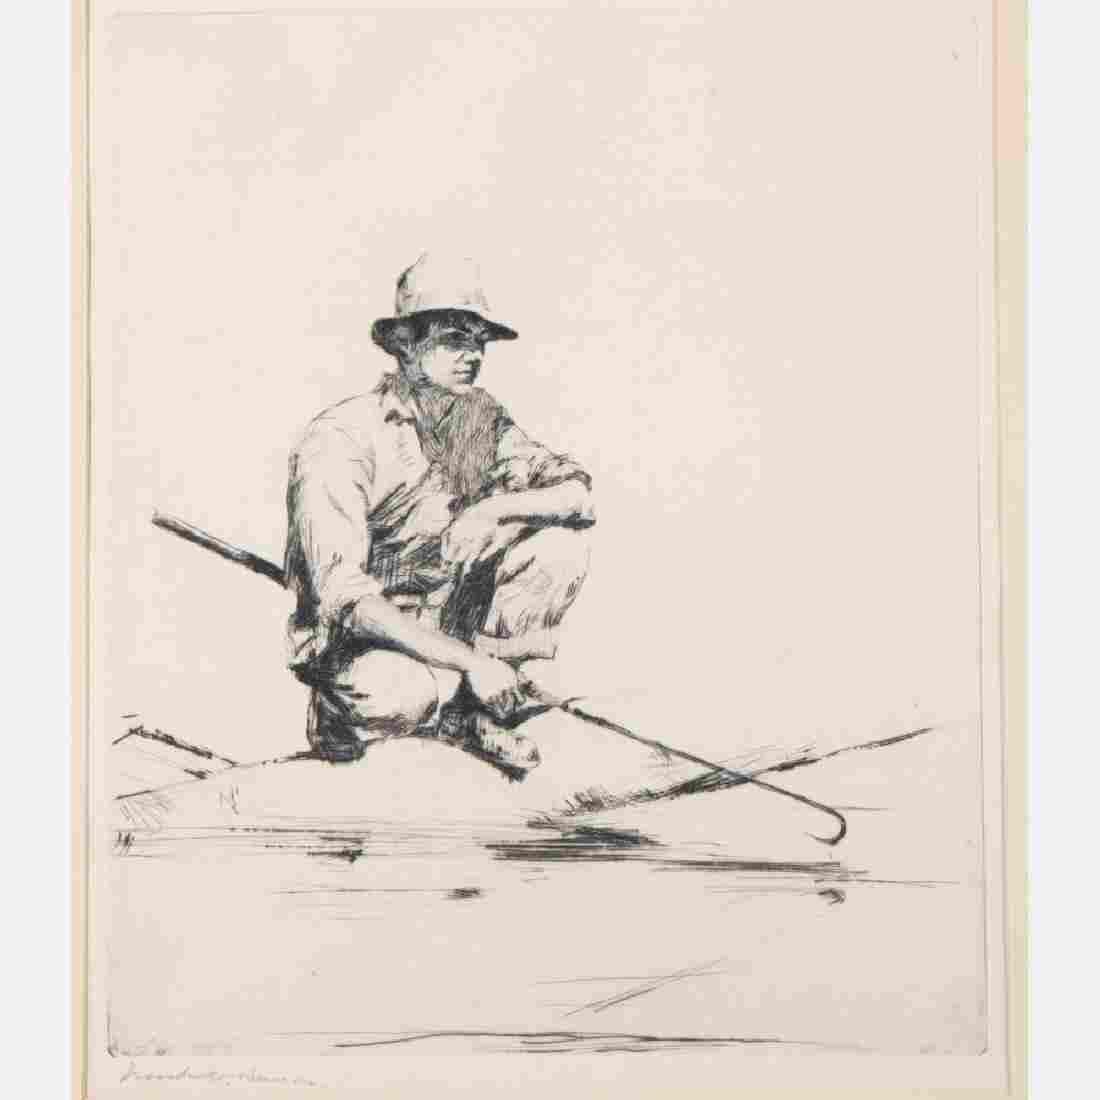 Frank Weston Benson (1862-1951) Man with a Gaff,